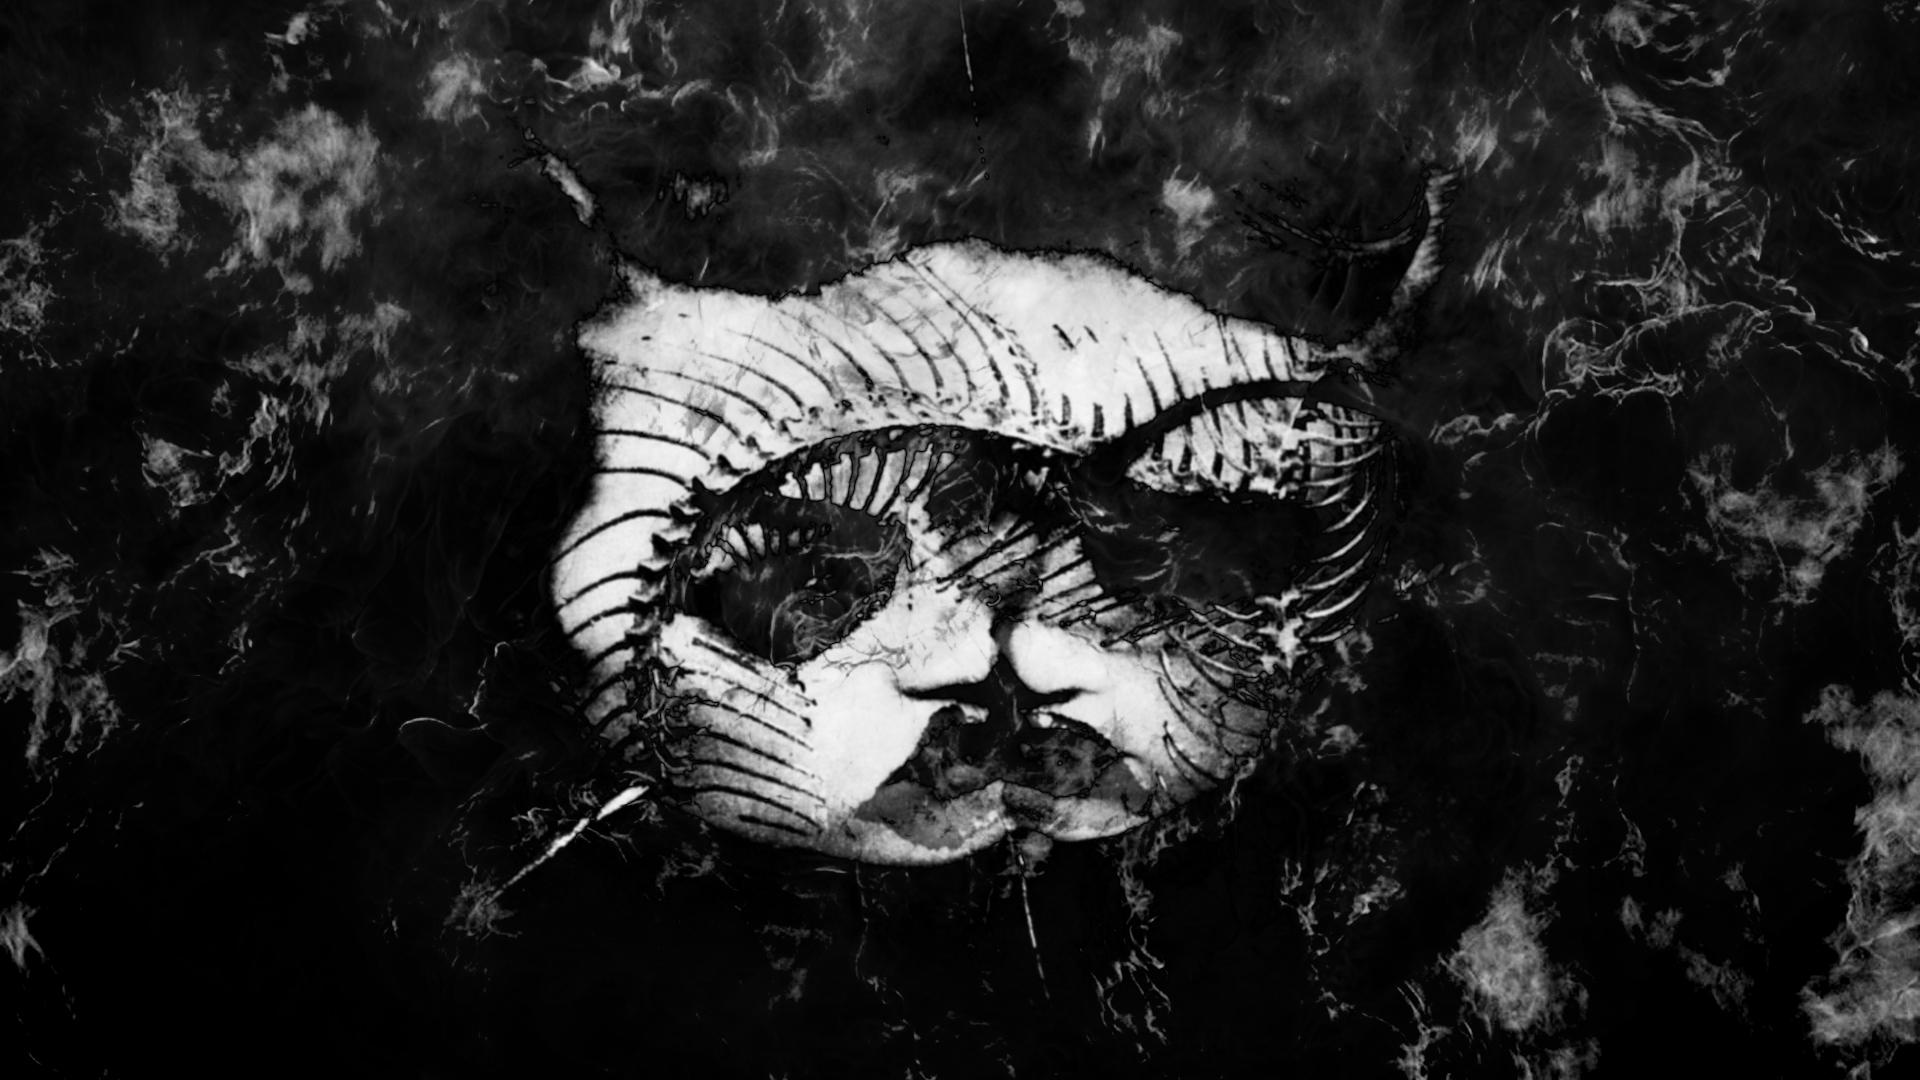 Arch Enemy Black Earth 02 Wallpaper By Disturbedkorea On Deviantart